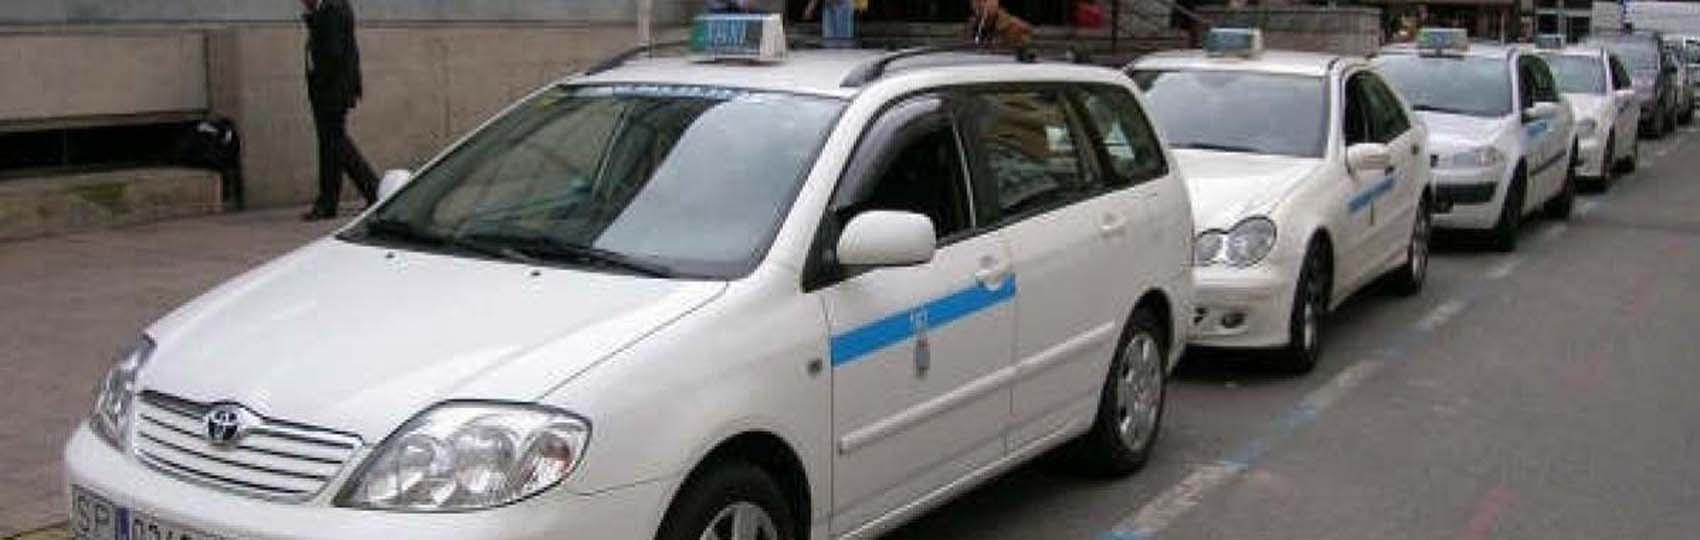 Noticias del sector del taxi y la movilidad en Santander. Mantente informado de todas las noticias del taxi de Santander en el grupo de Facebook de Todo Taxi.